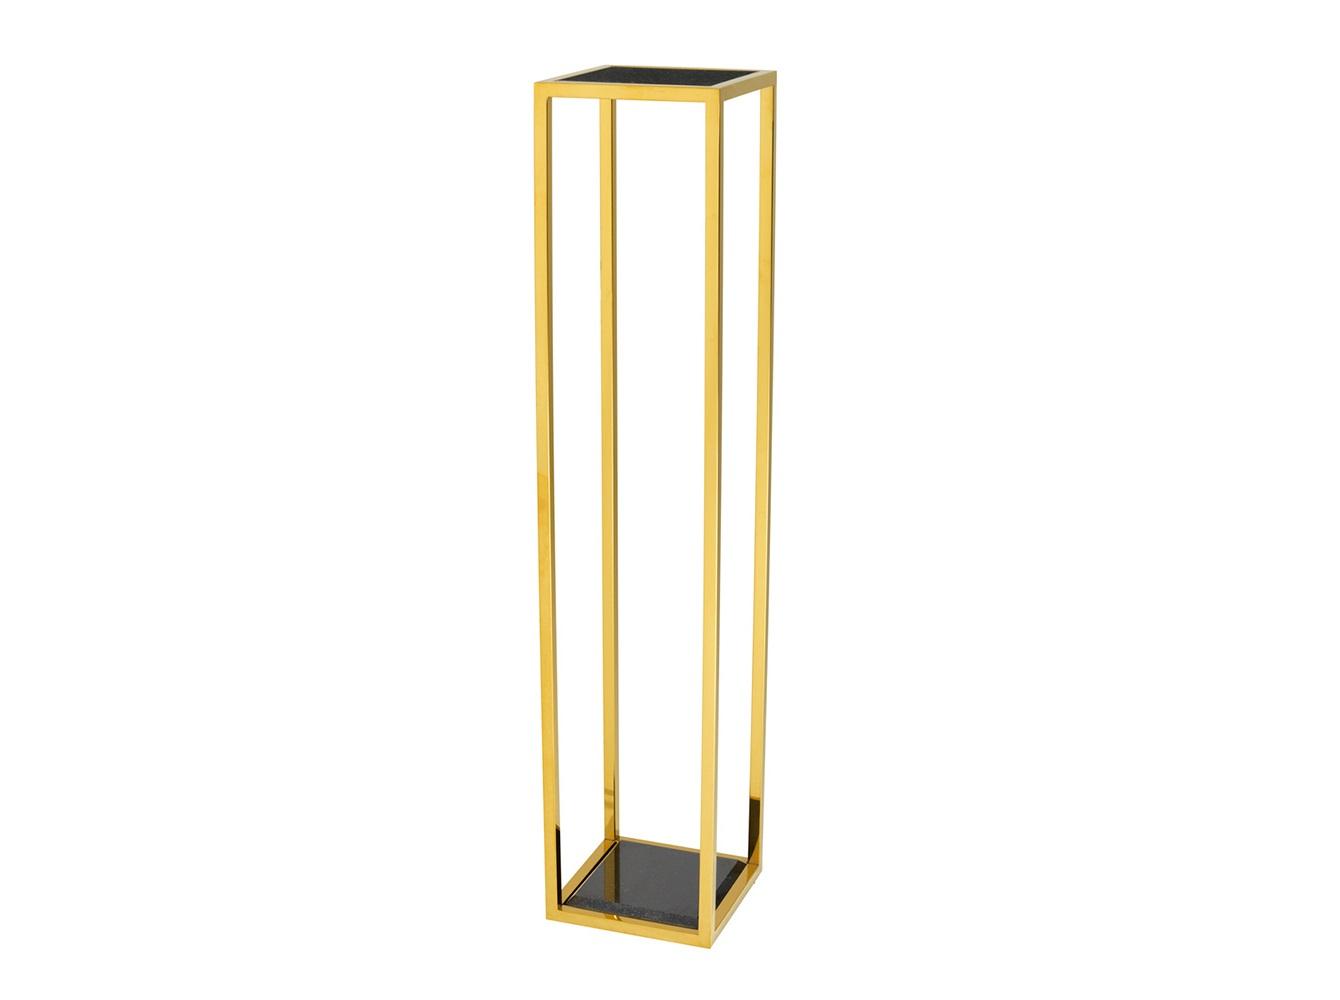 КолоннаПьедесталы<br>Колонна Column Odeon L выполнена из металла золотого цвета. Столешница и основание из мрамора черного цвета.<br><br>Material: Металл<br>Width см: 25<br>Depth см: 25<br>Height см: 120